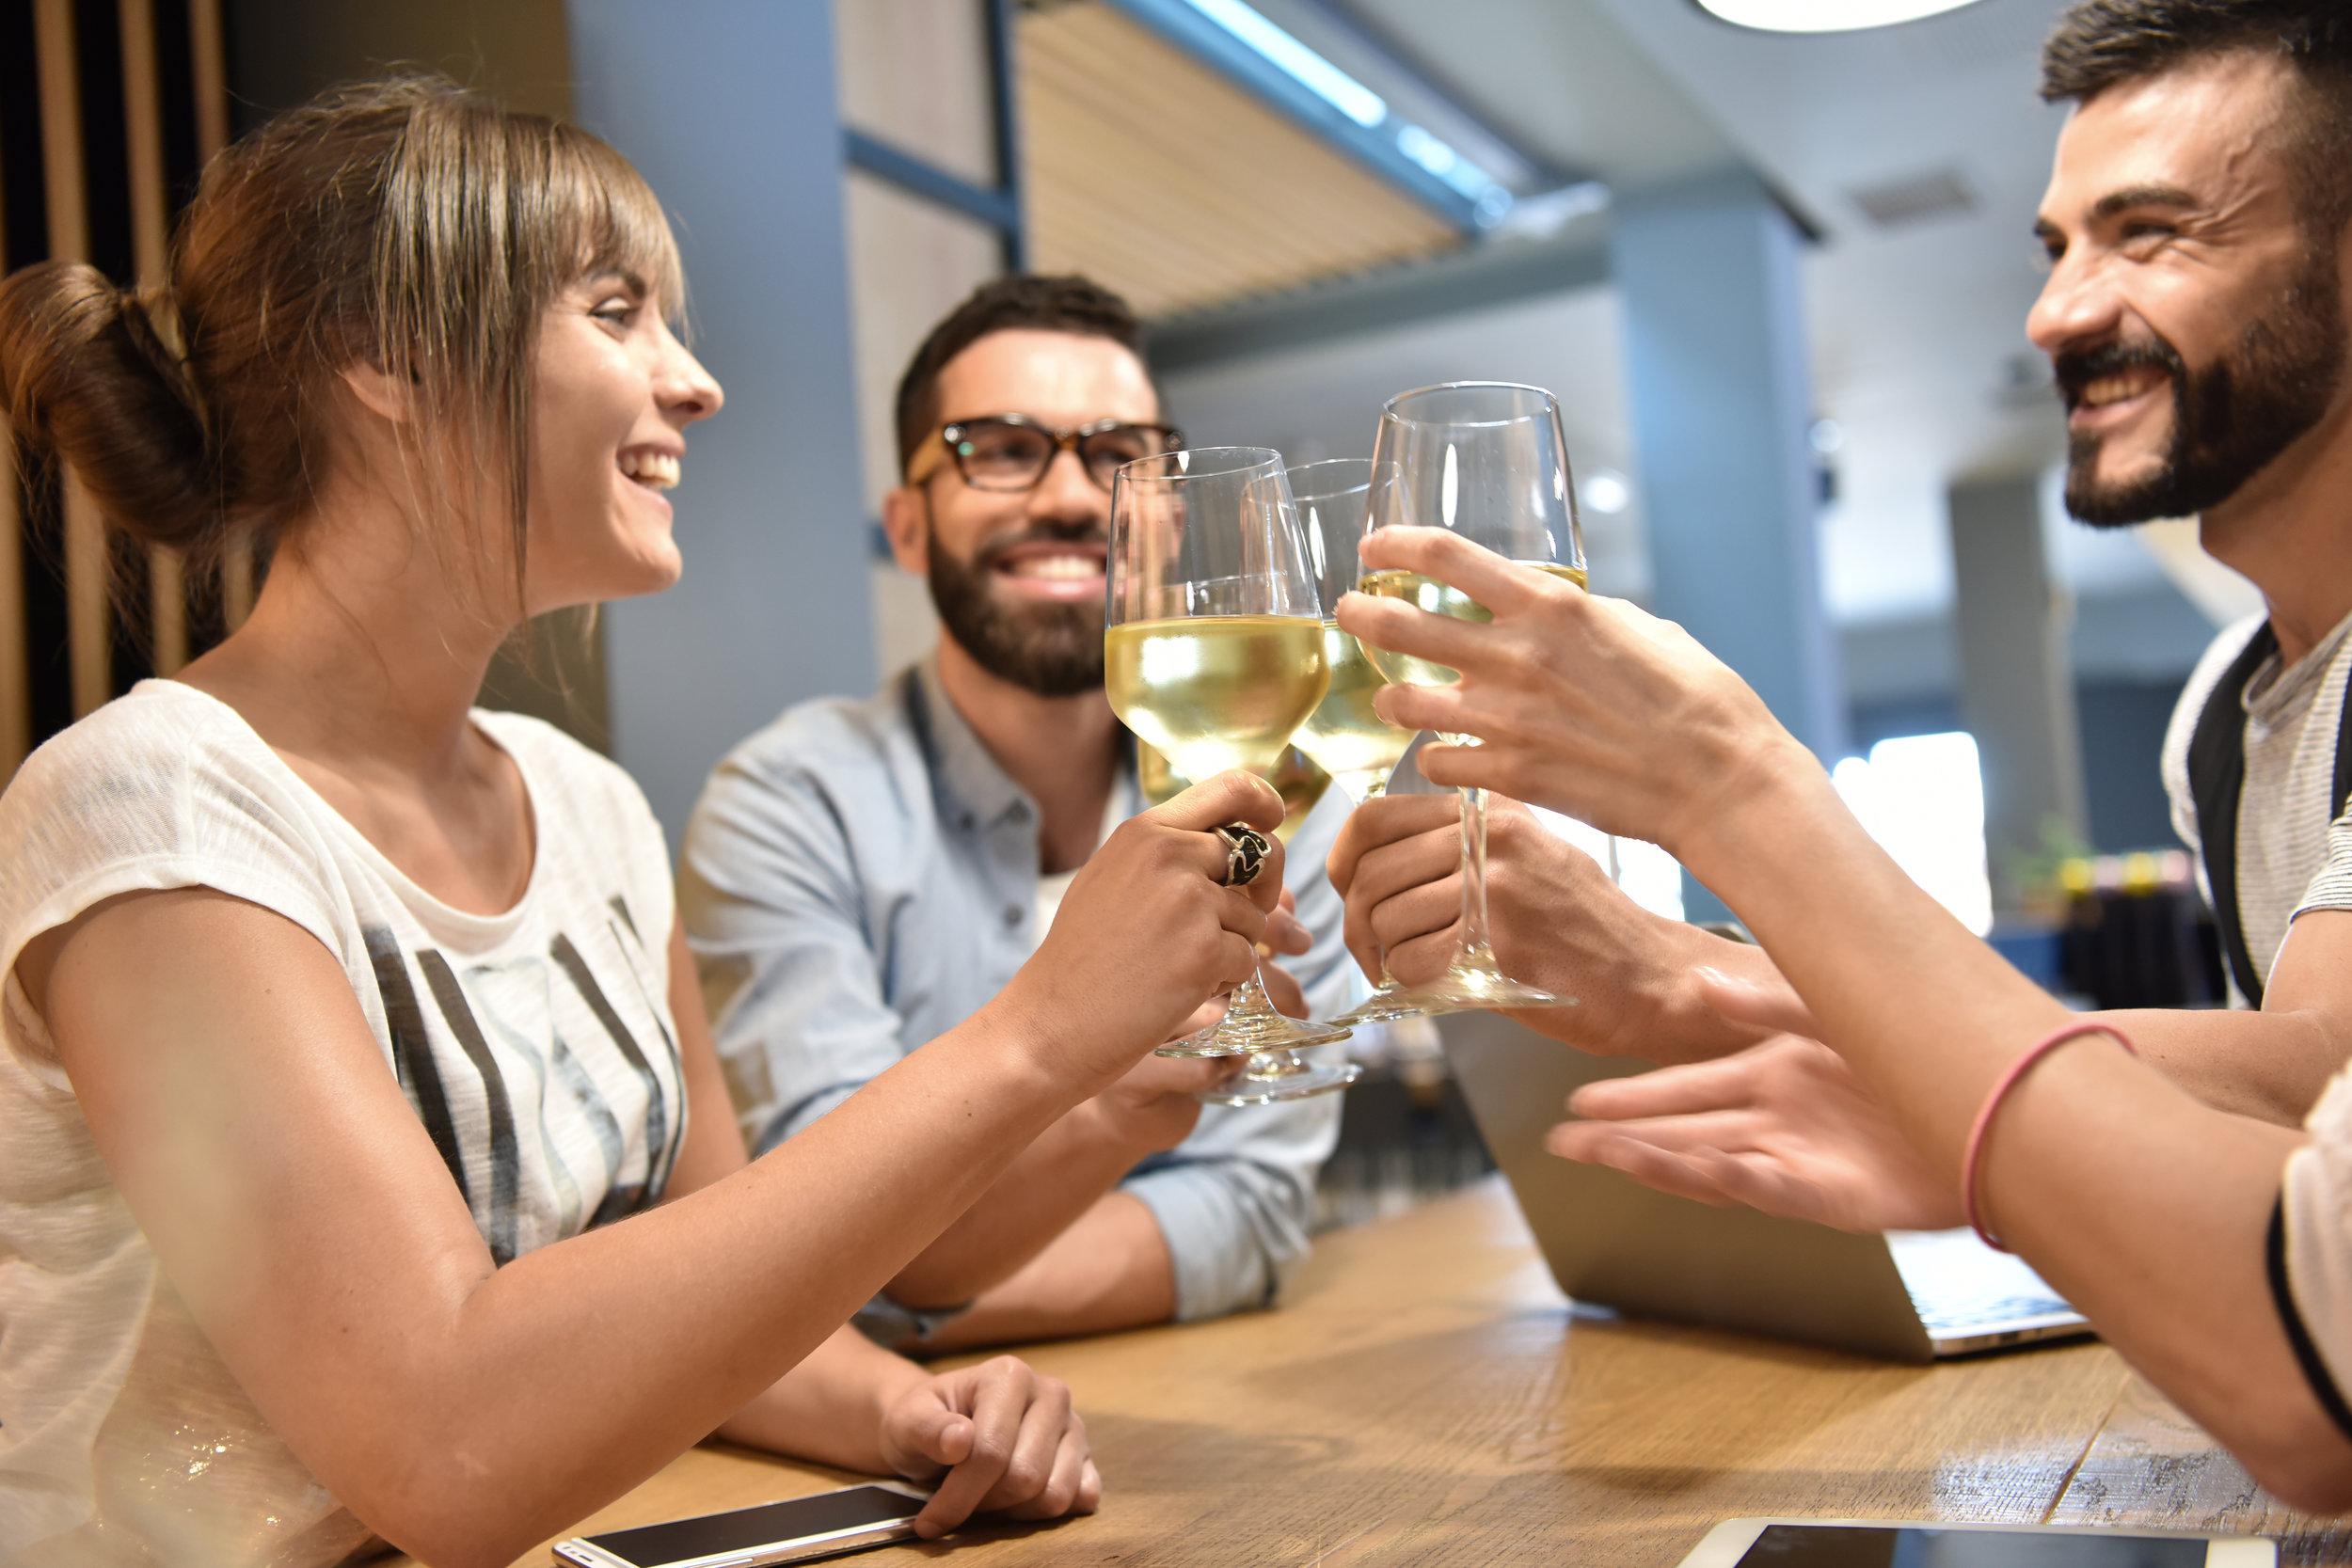 Cata de vinos con amigos